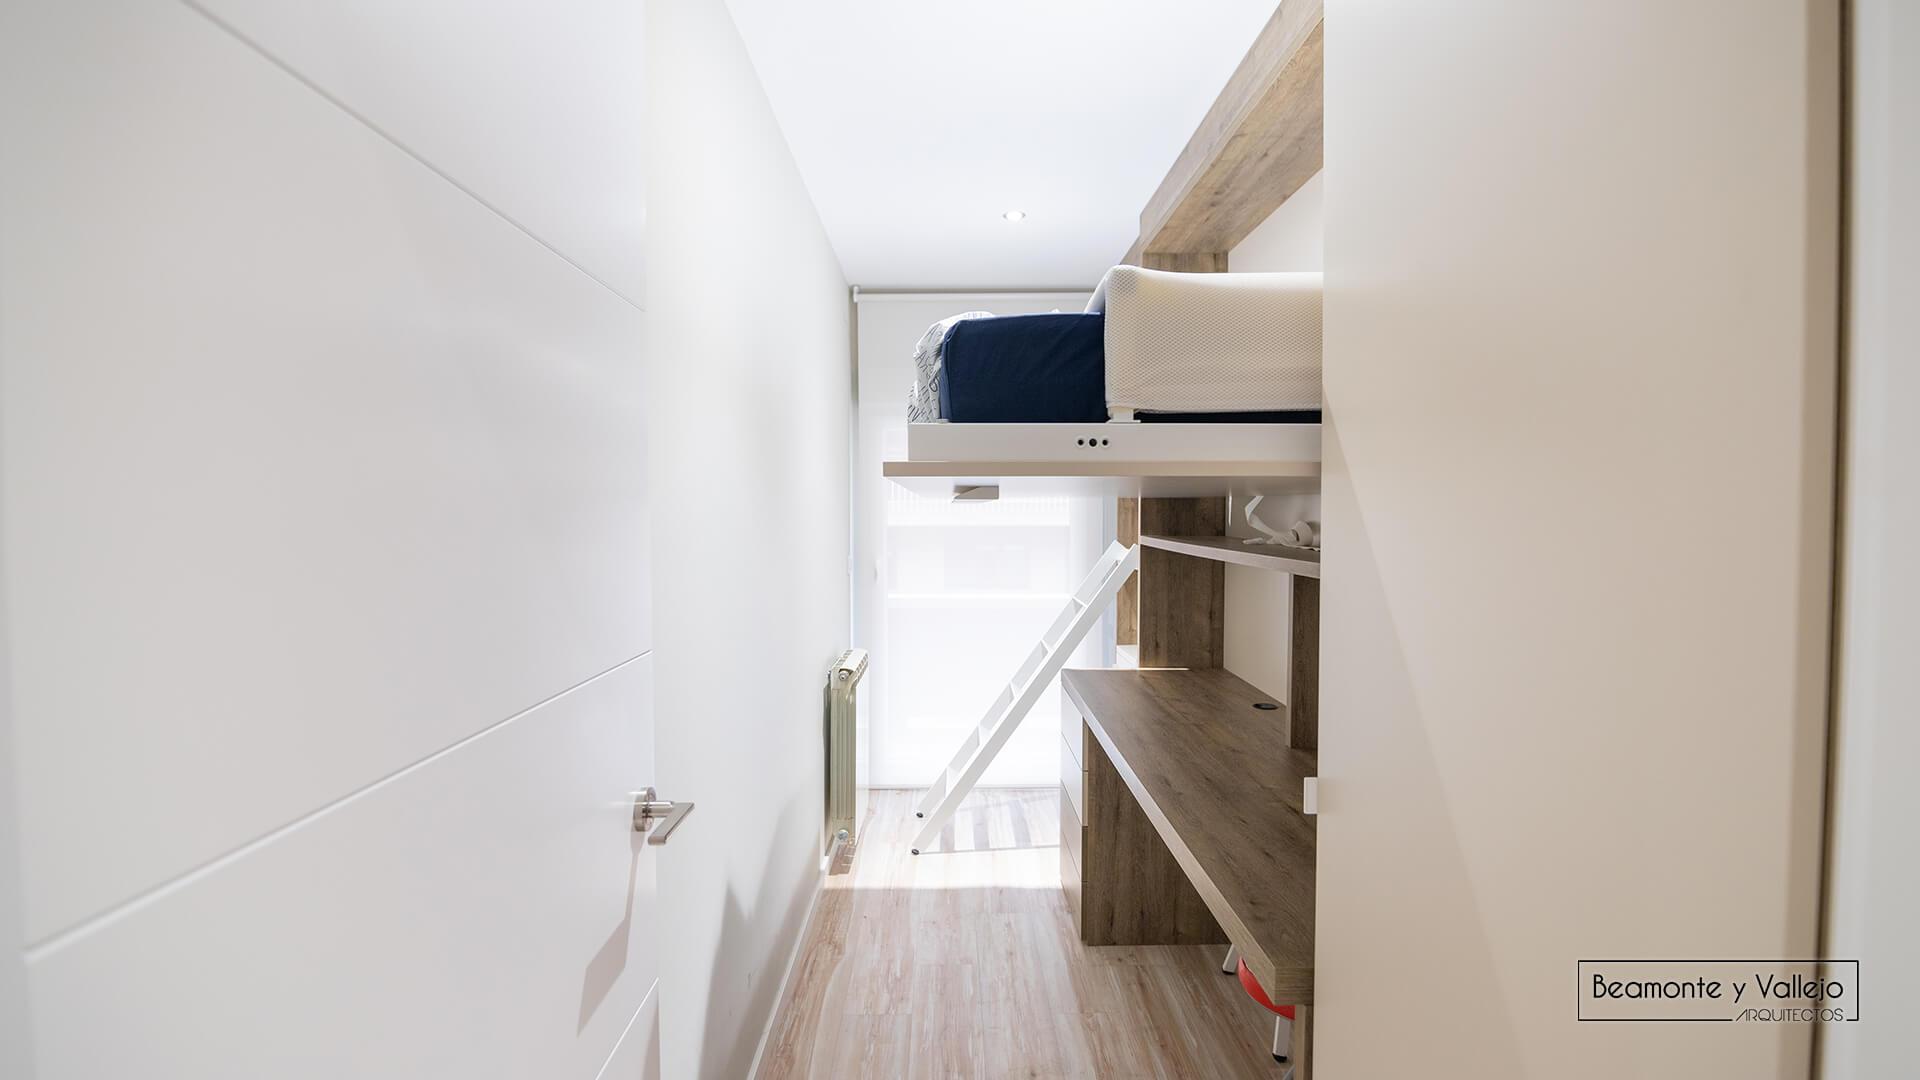 Beamonte y Vallejo arquitectos - Andres Gurpide 12, 4